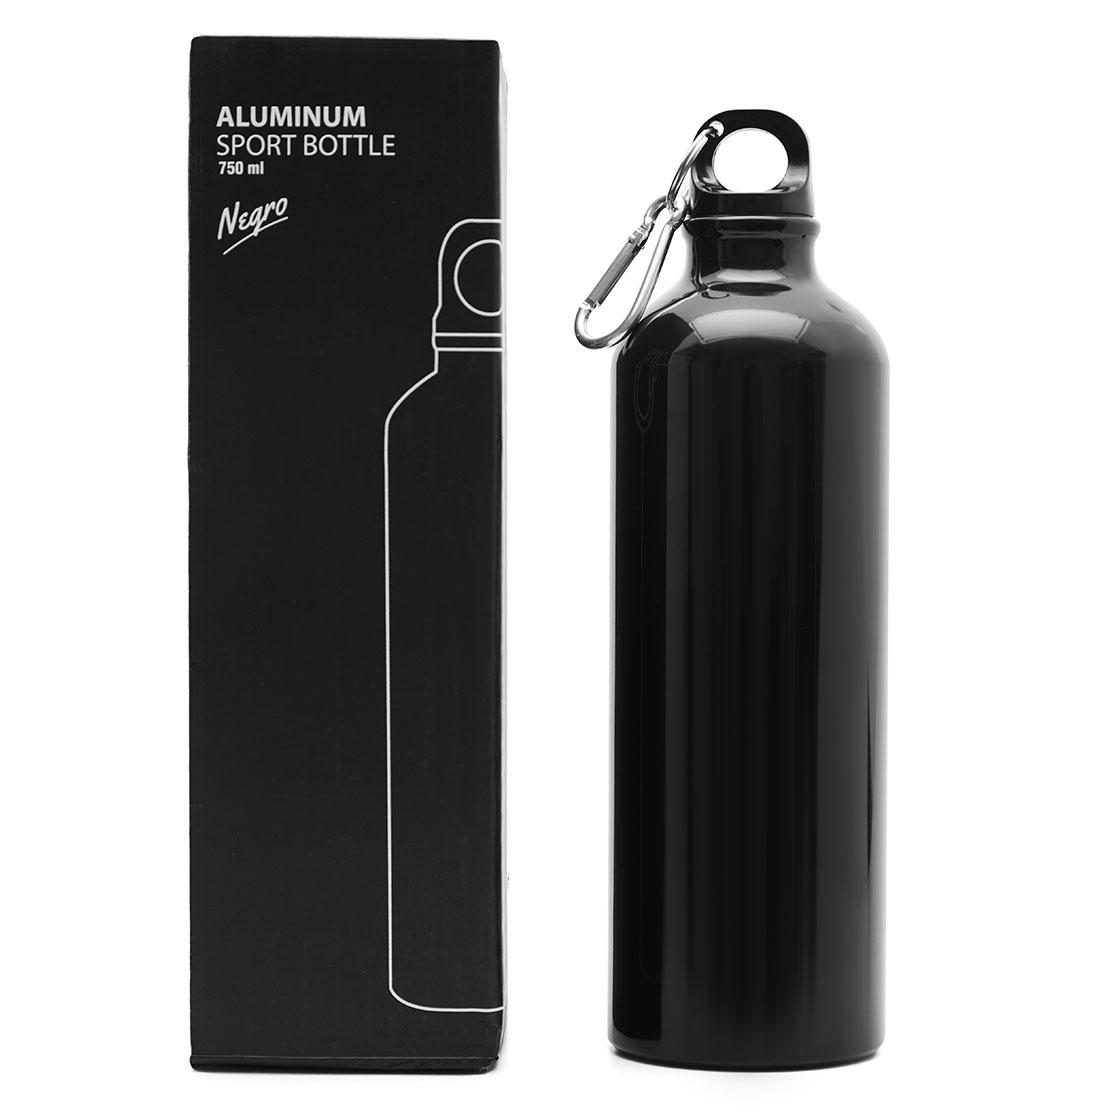 Sport Bottle Aluminum VS 112